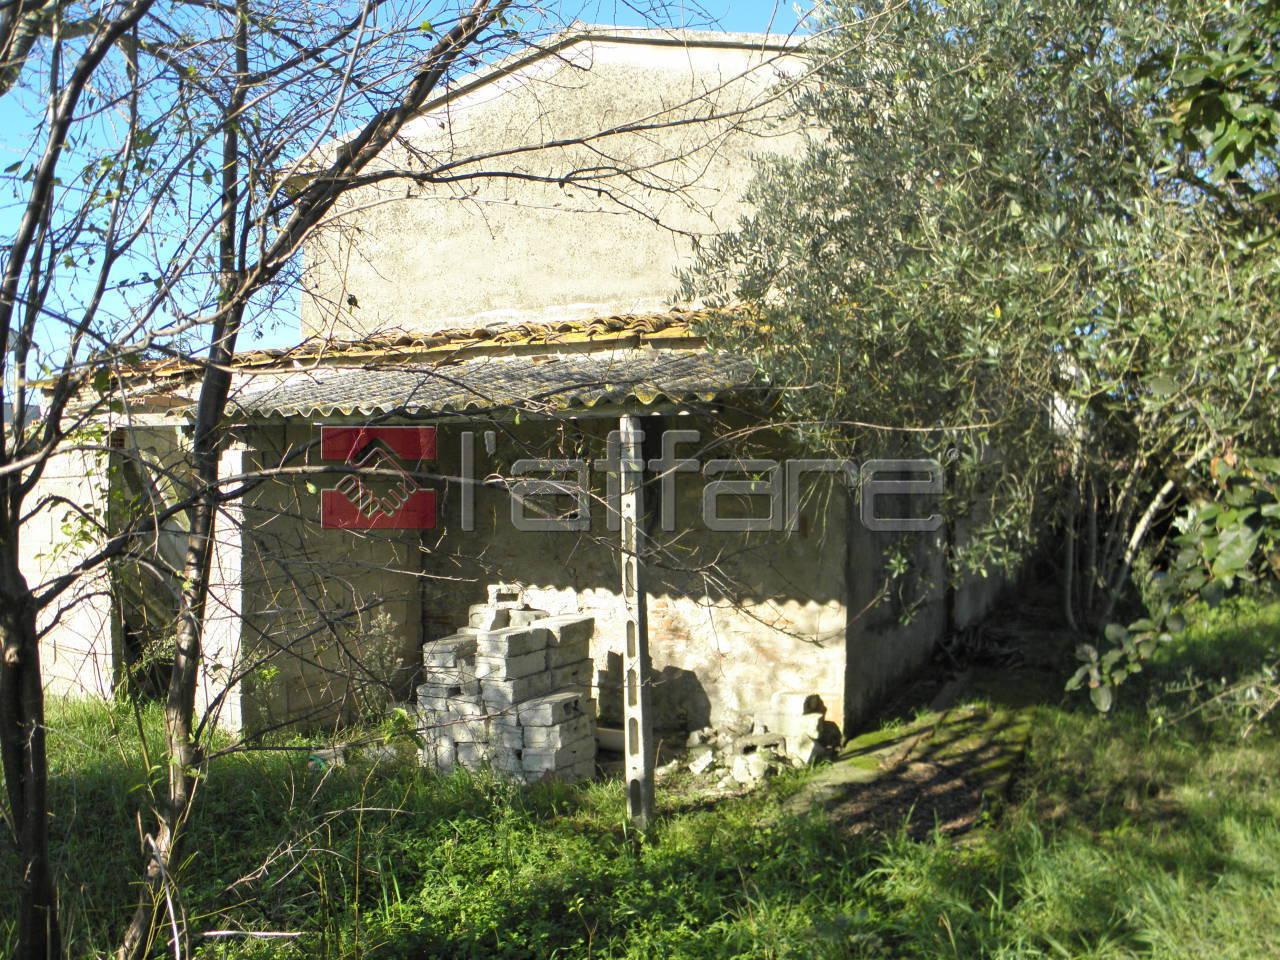 Rustico / Casale in vendita a Ponsacco, 6 locali, prezzo € 250.000 | CambioCasa.it